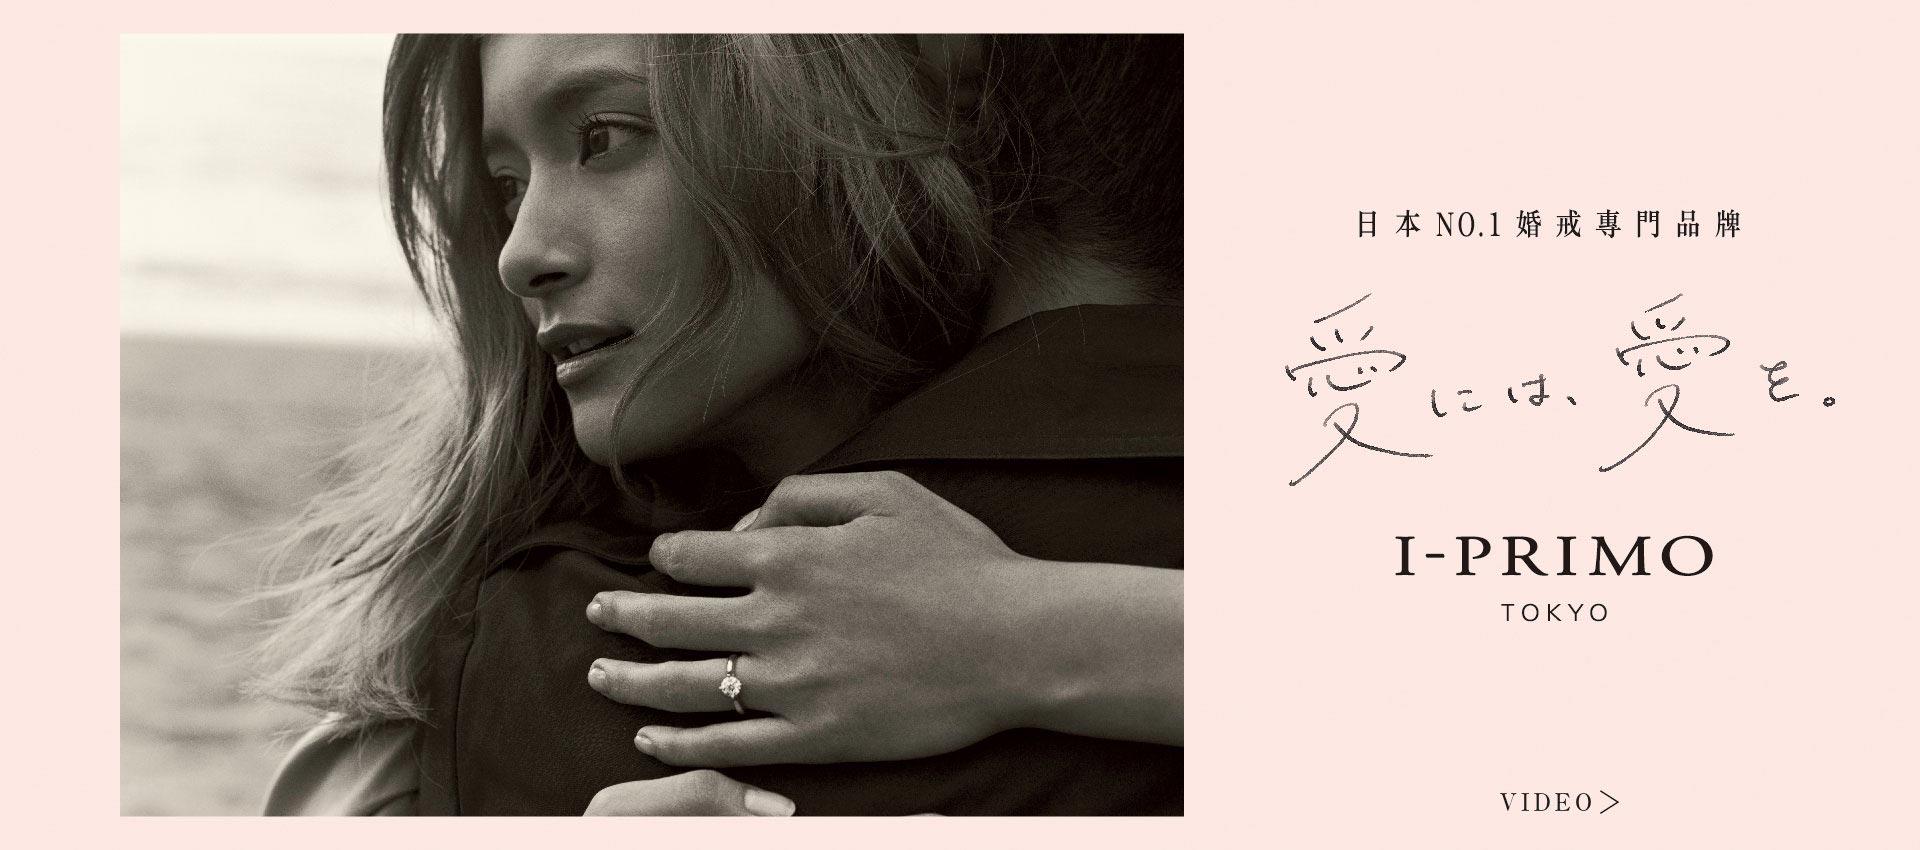 【結婚旺季】日式結婚對戒貴氣逼人 綻放美麗光彩